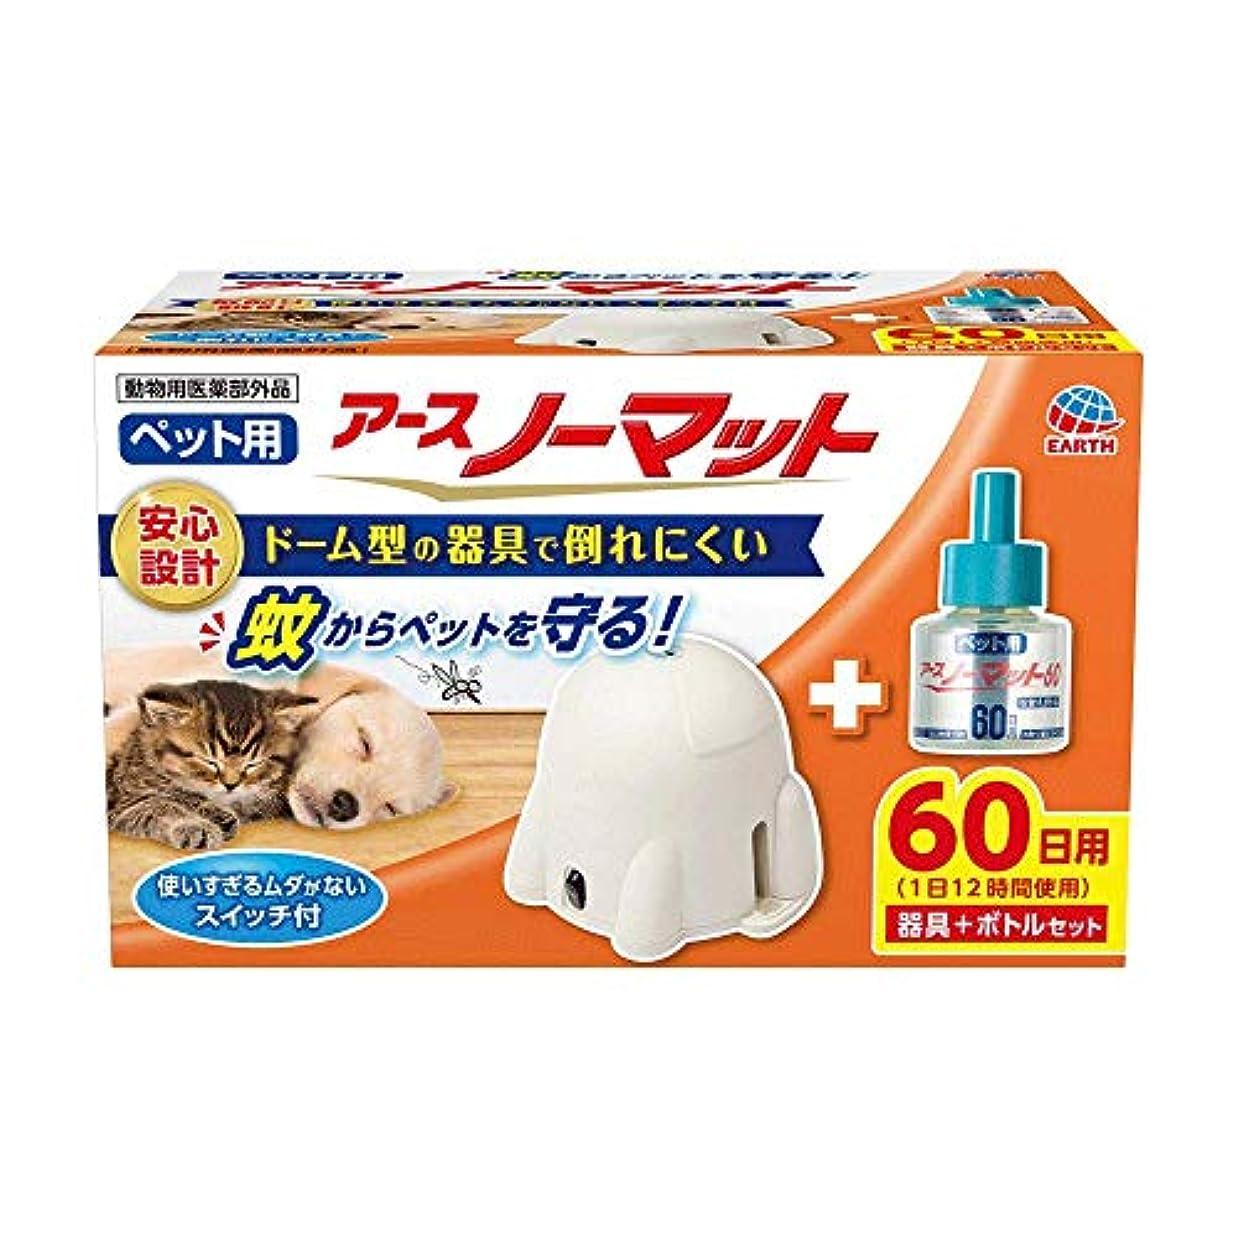 ジュース意気込み中に【動物用医薬部外品】 アース?ペット ペット用 アースノーマット60 器具+ボトルセット